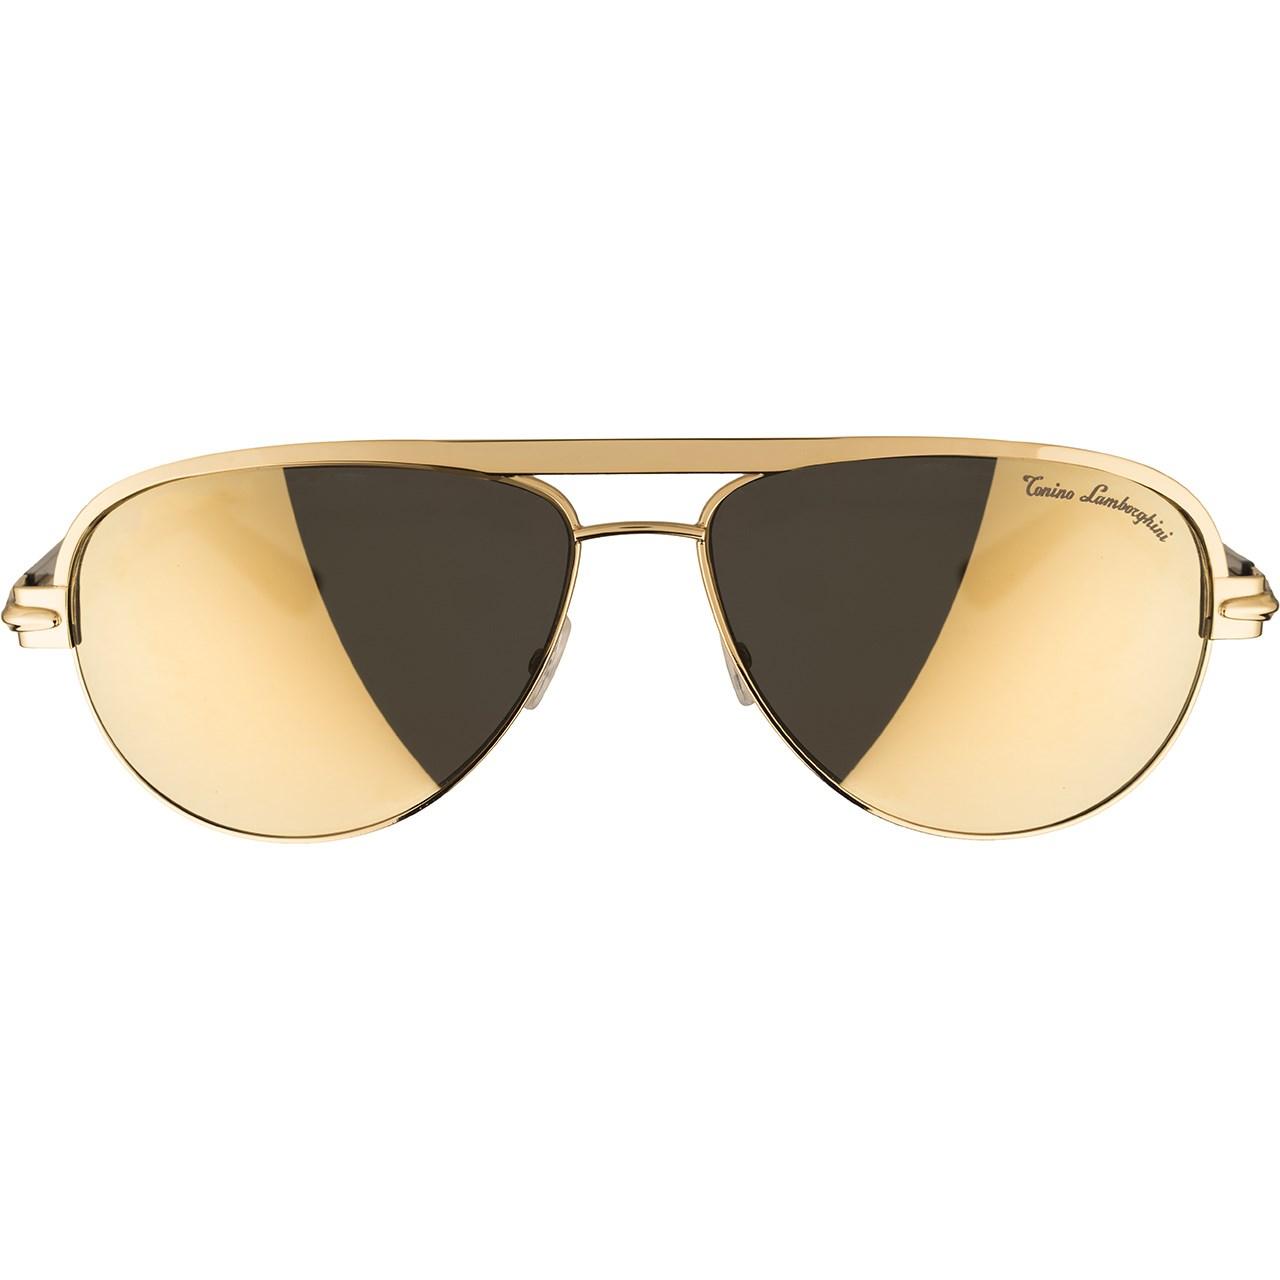 عینک آفتابی تونینو لامبورگینی مدل TL584-51